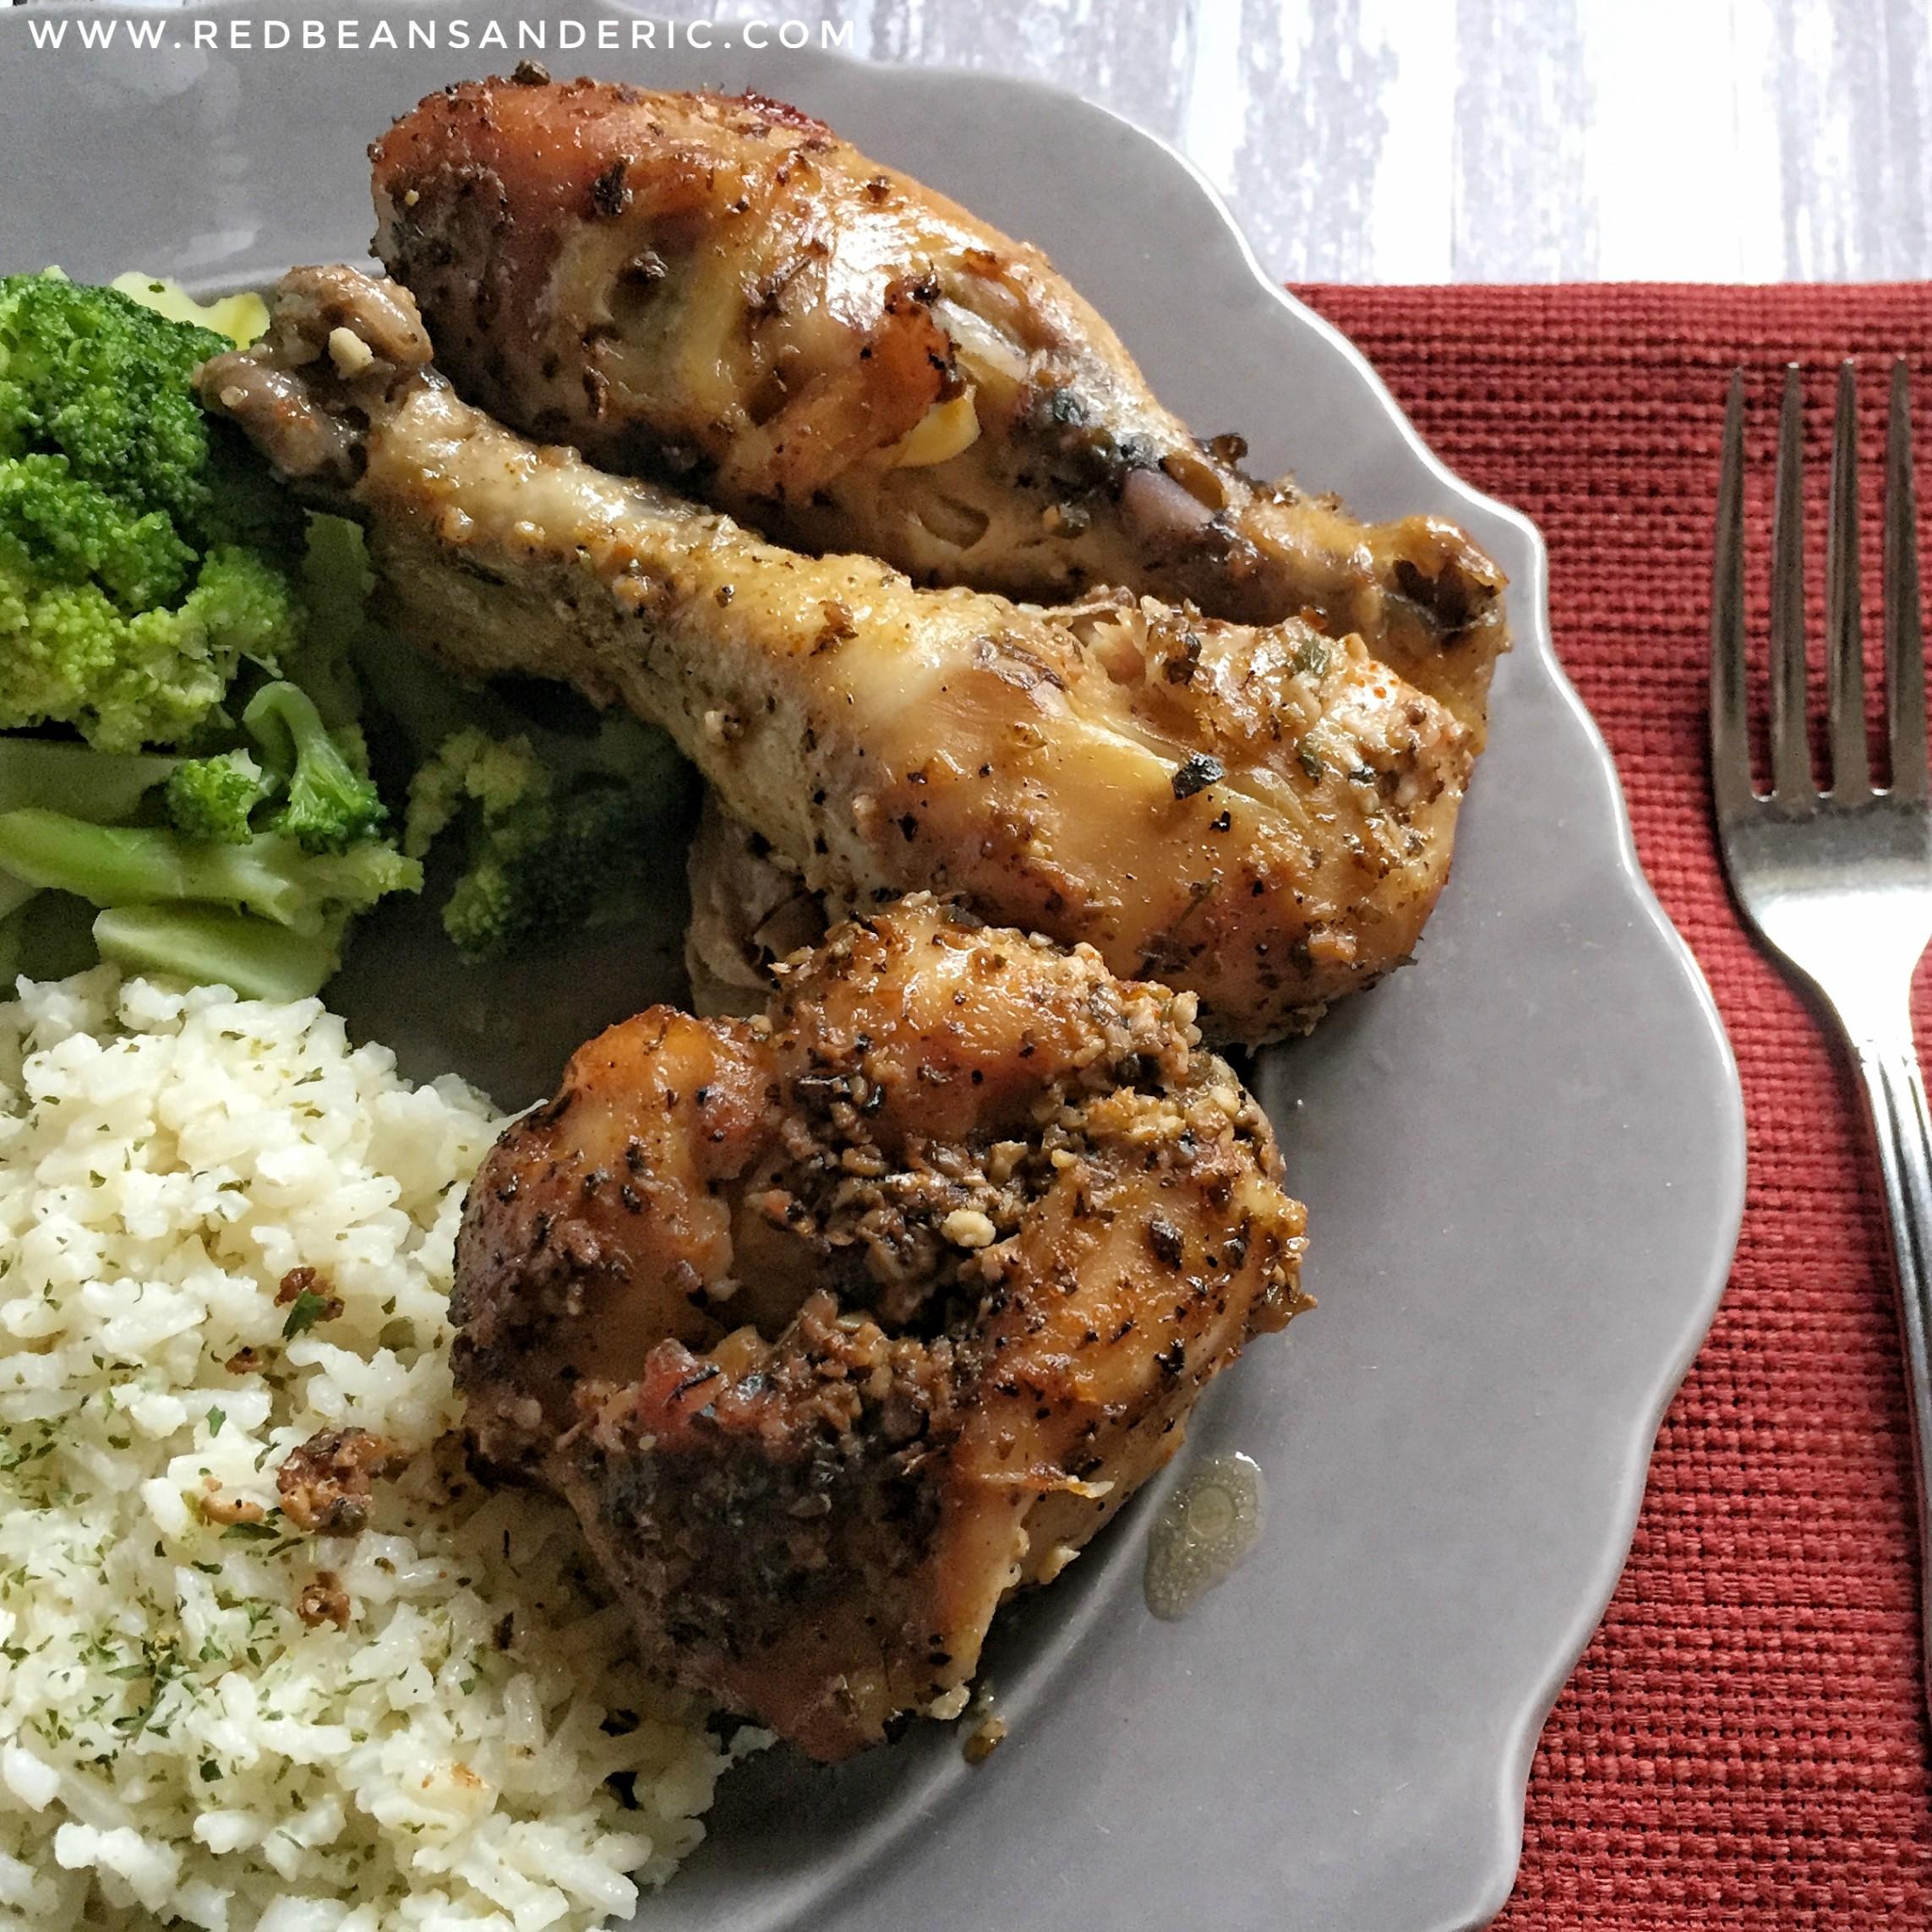 Chicken Drumsticks Da Pope and the Health Benefits of Garlic